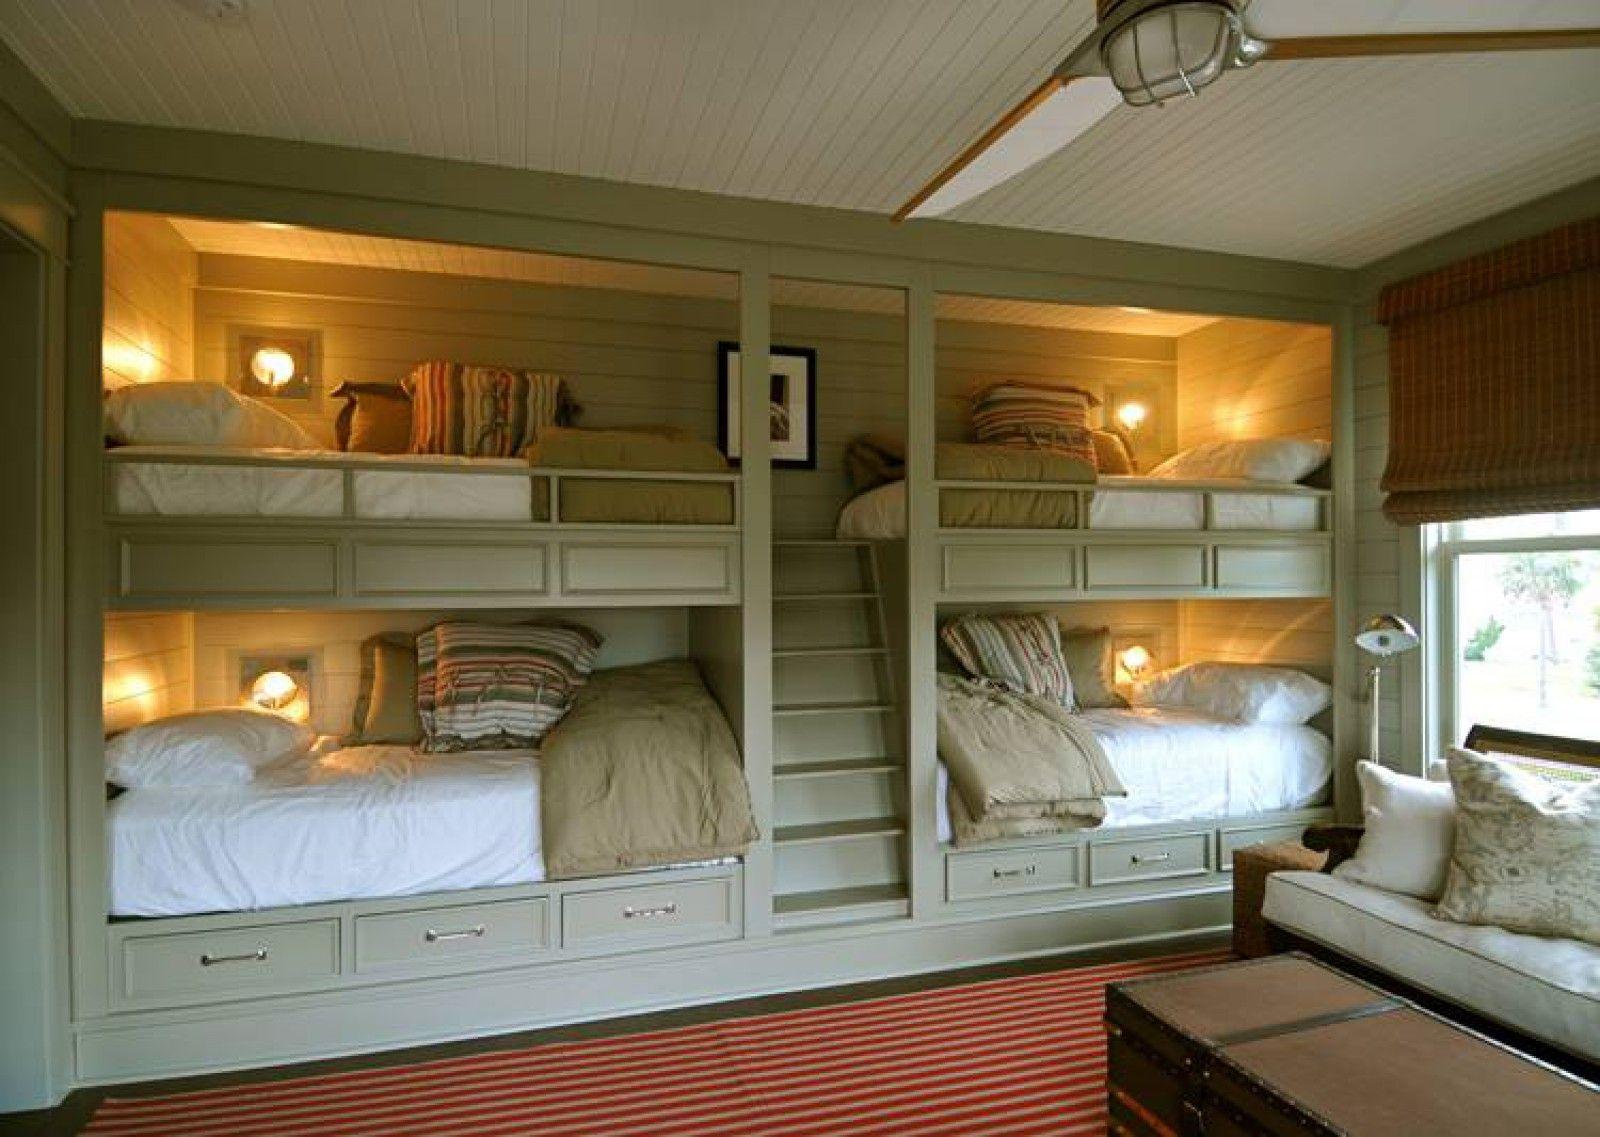 Queen size loft bed with stairs  double bed bunk beds  Google Search  Ideeën voor het huis